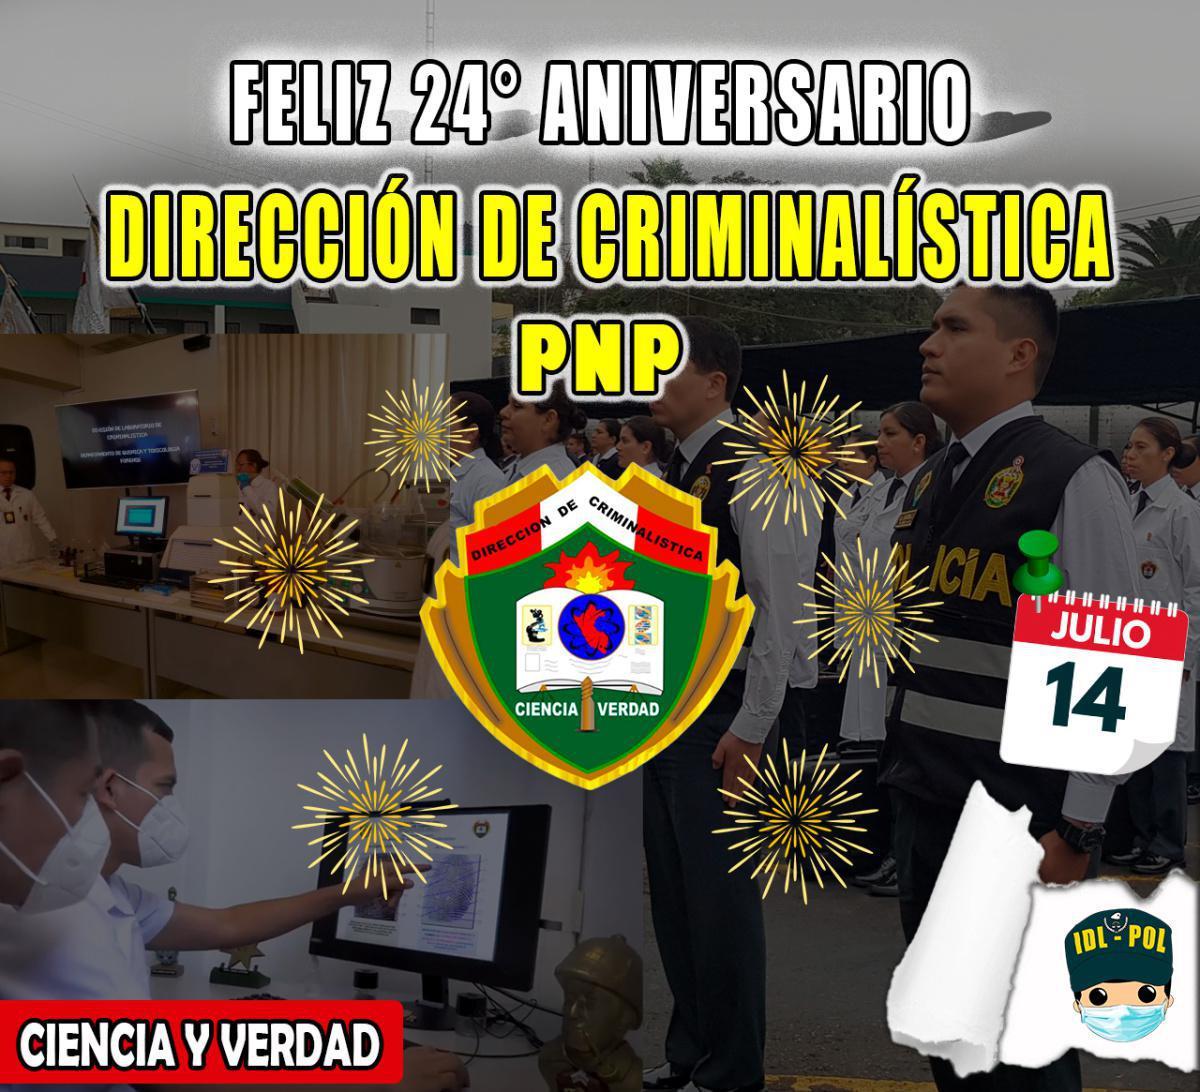 ¡FELIZ ANIVERSARIO DIRECCIÓN DE CRIMINALÍSTICA!